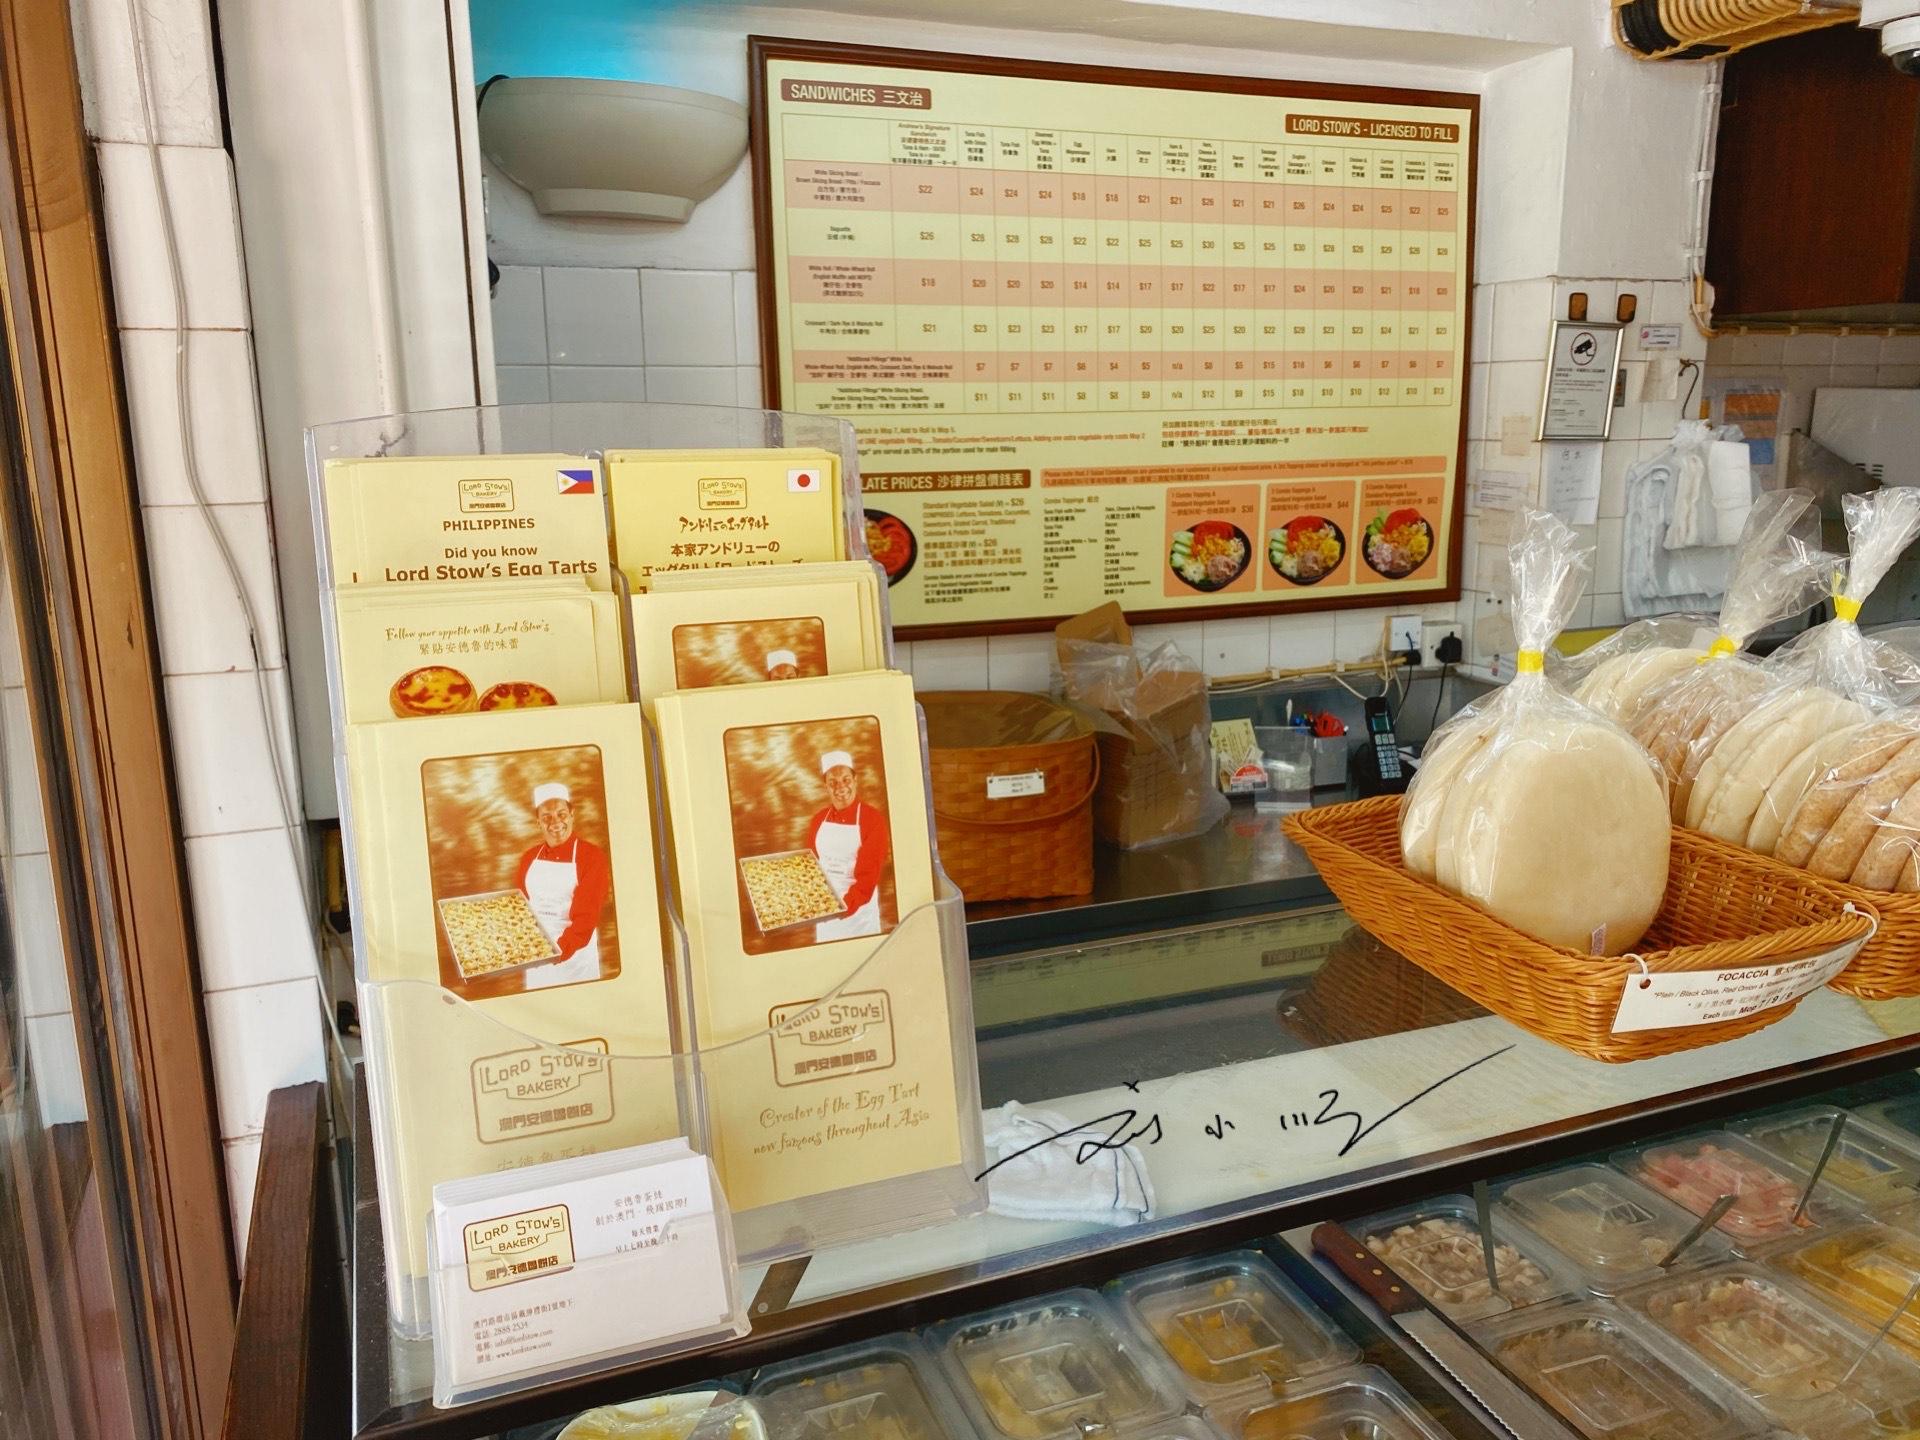 """澳门""""米其林""""蛋挞,一个不到10块钱,内地游客惊叹:太便宜了"""